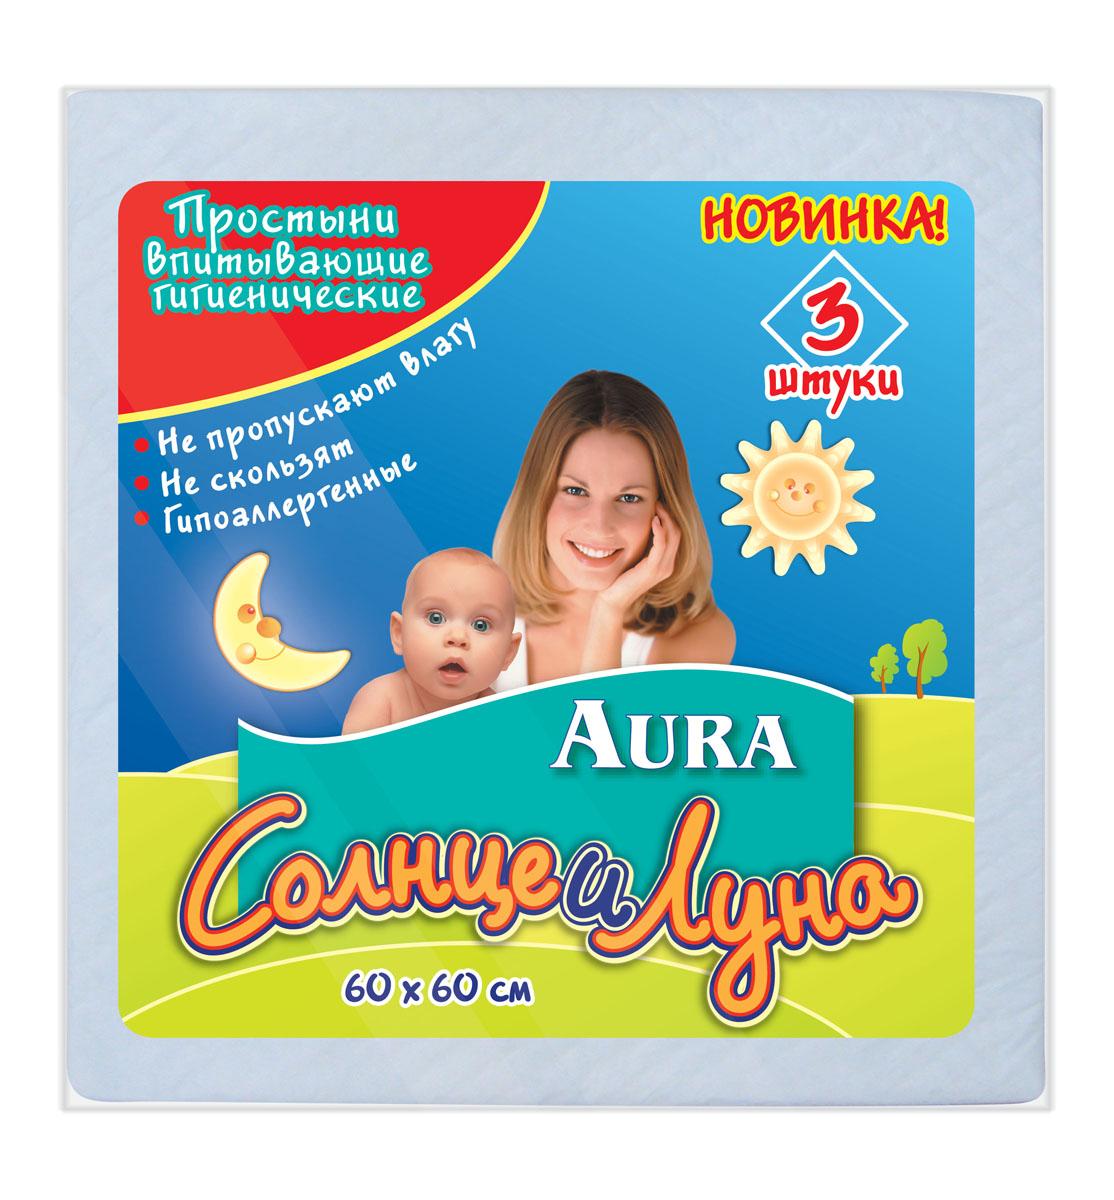 Простыни впитывающие гигиенические Aura Солнце и Луна, 60 см х 60 см, 3 штSatin Hair 7 BR730MNВпитывающие гигиенические простыни Aura Солнце и Луна предназначены для дополнительной защиты постельного белья при уходе за детьми. Поверхность из мягкого нетканого материала не раздражает кожу. Специальная пробивка и внутренний слой из распушенной целлюлозы обеспечивают быстрое впитывание и распределение влаги. Внутренний слой простыни представляет собой нескользящую защитную пленку, препятствующую протеканию. Края простыни надежно скреплены для лучшей защиты. Простыни удобны во время смены подгузника. В комплект входят 3 одноразовые простыни. Характеристики:Материал: распушенная целлюлоза, нетканный материал, полиэтилен, медицинская бумага. Размер простыни: 60 см x 60 см.